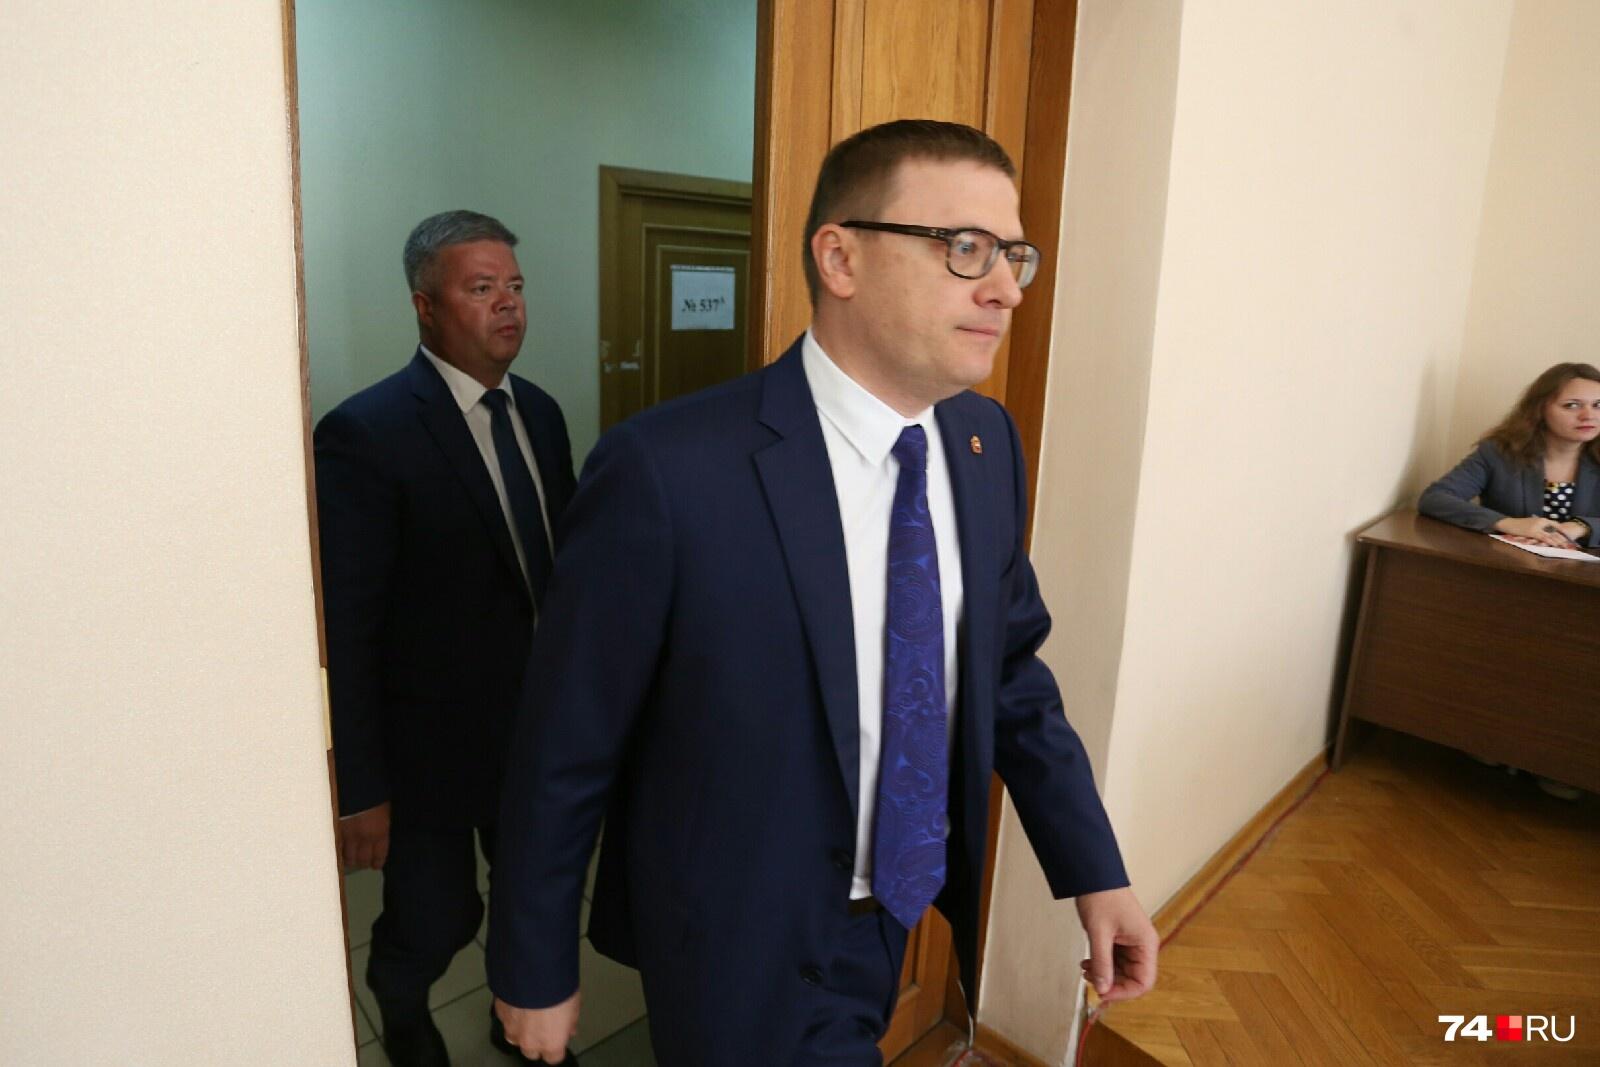 В зал заседаний чиновники вошли строго по субординации